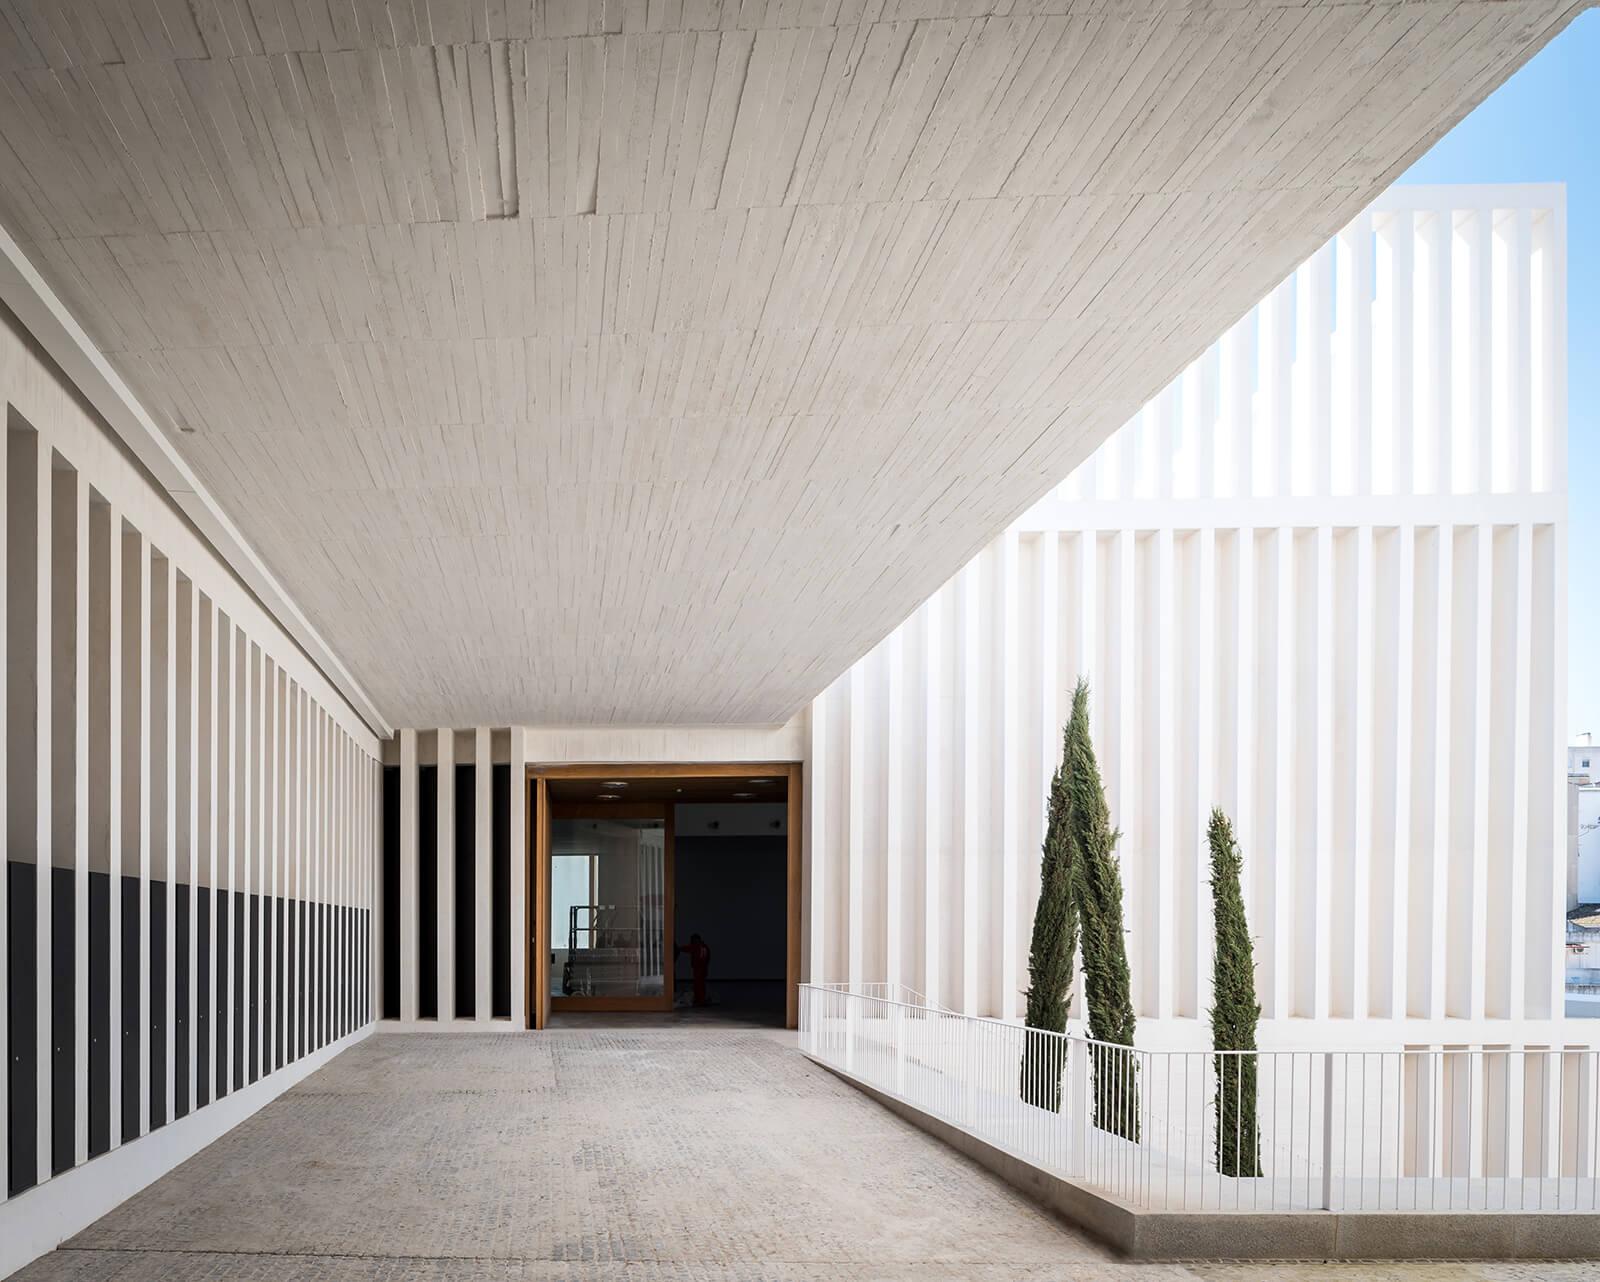 Museo de Arte Contemporáneo Helga de Alvear  - 4 41